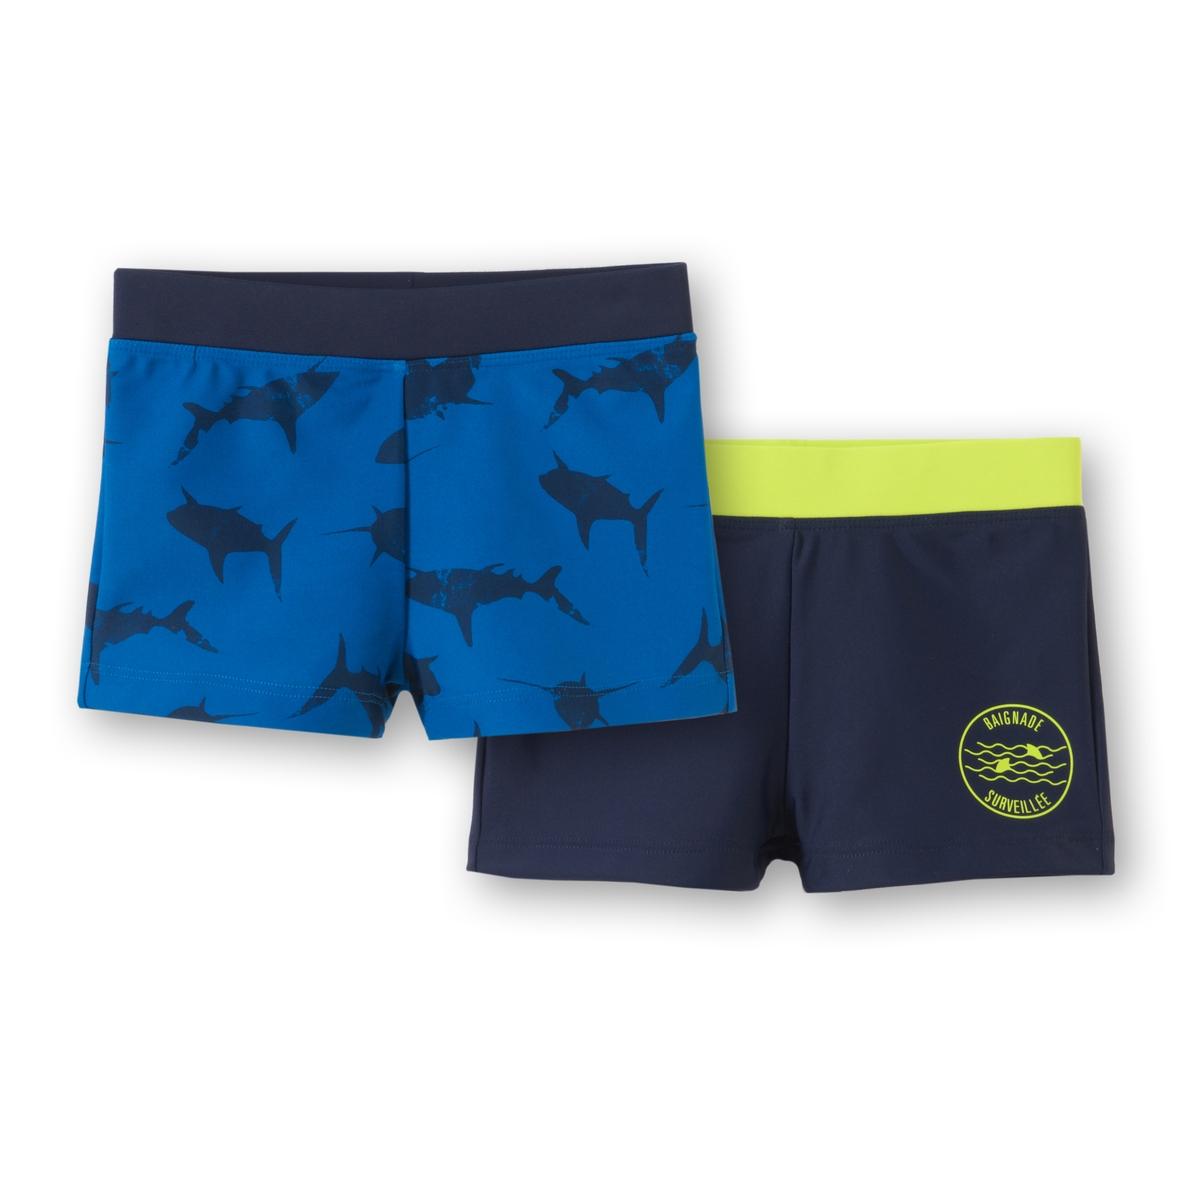 Комплект из 2 шортов для плавания, 3-12 летШорты для плавания с эластичным поясом. Комплект из 2 штук.Состав и описаниеМатериал          80% полиамида, 20% эластанаМарка:          R ?ditionУходМашинная стирка при 30° с одеждой такого же цвета.Стирать с изнаночной стороныМашинная сушка запрещенаНе гладить<br><br>Цвет: рисунок + темно-синий<br>Размер: 5 лет - 108 см.4 года - 102 см.6 лет - 114 см.3 года - 94 см